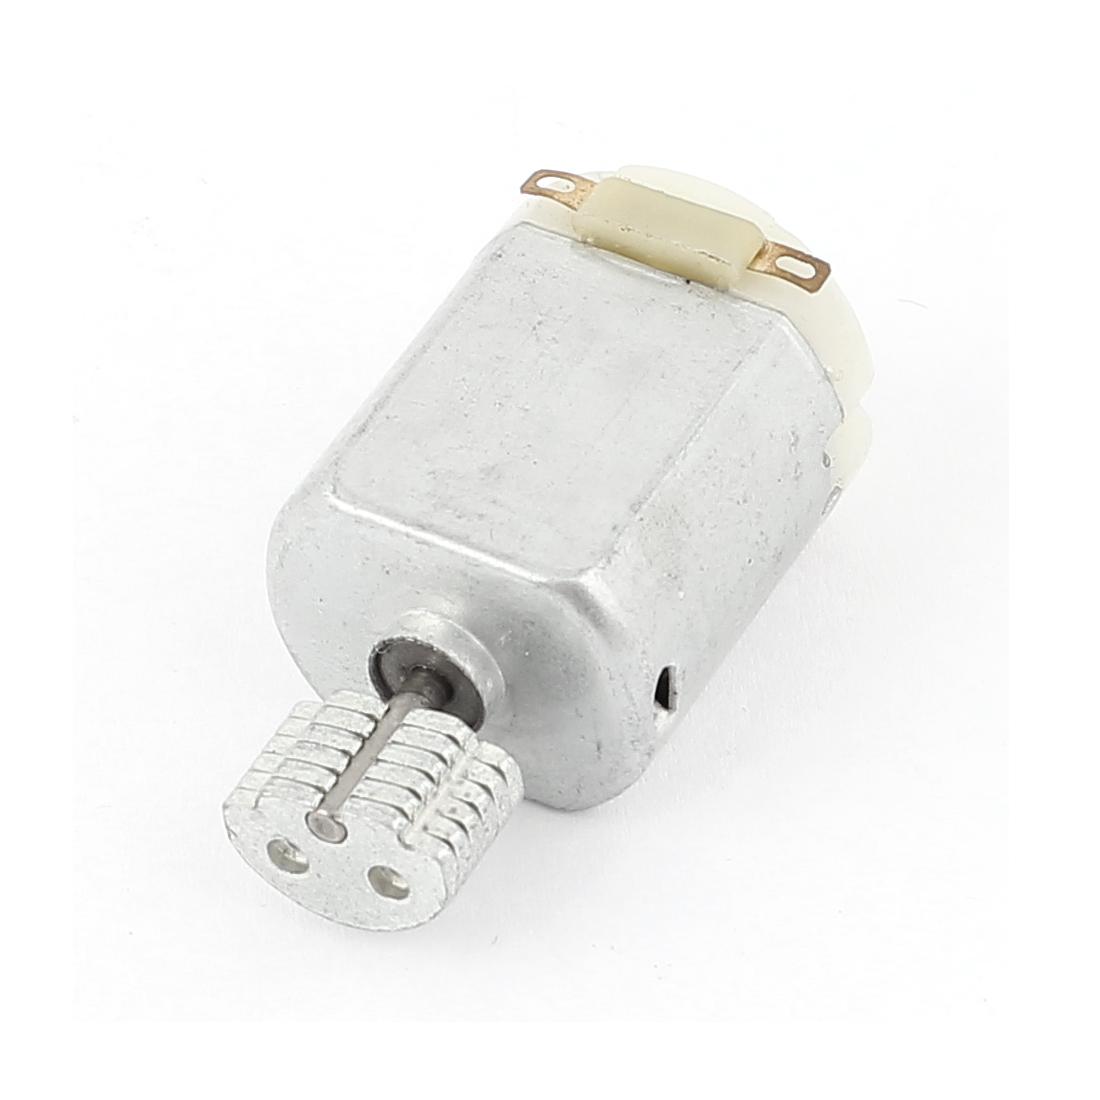 DC 1.5V-3V 18000RPM High Speed 2mm Diameter Shaft Micro Motor for Massager